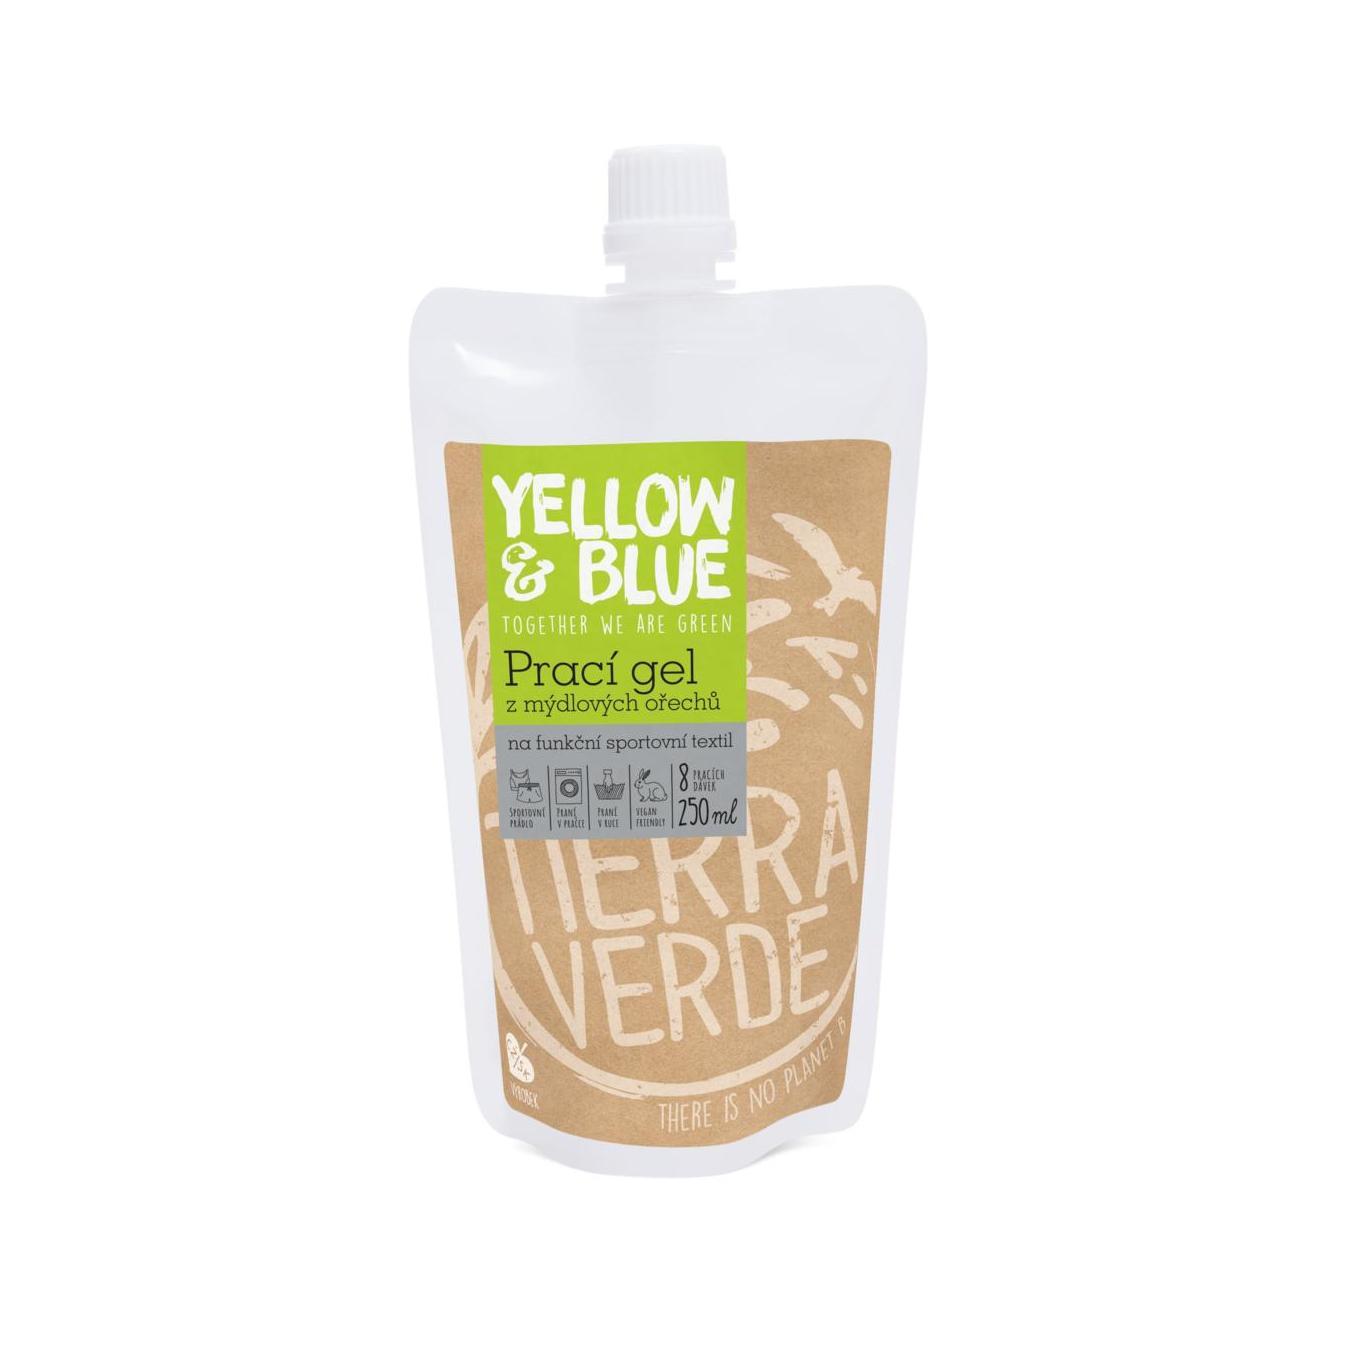 Yellow and Blue Prací gel z mýdlových ořechů Sport s koloidním stříbrem 250 ml